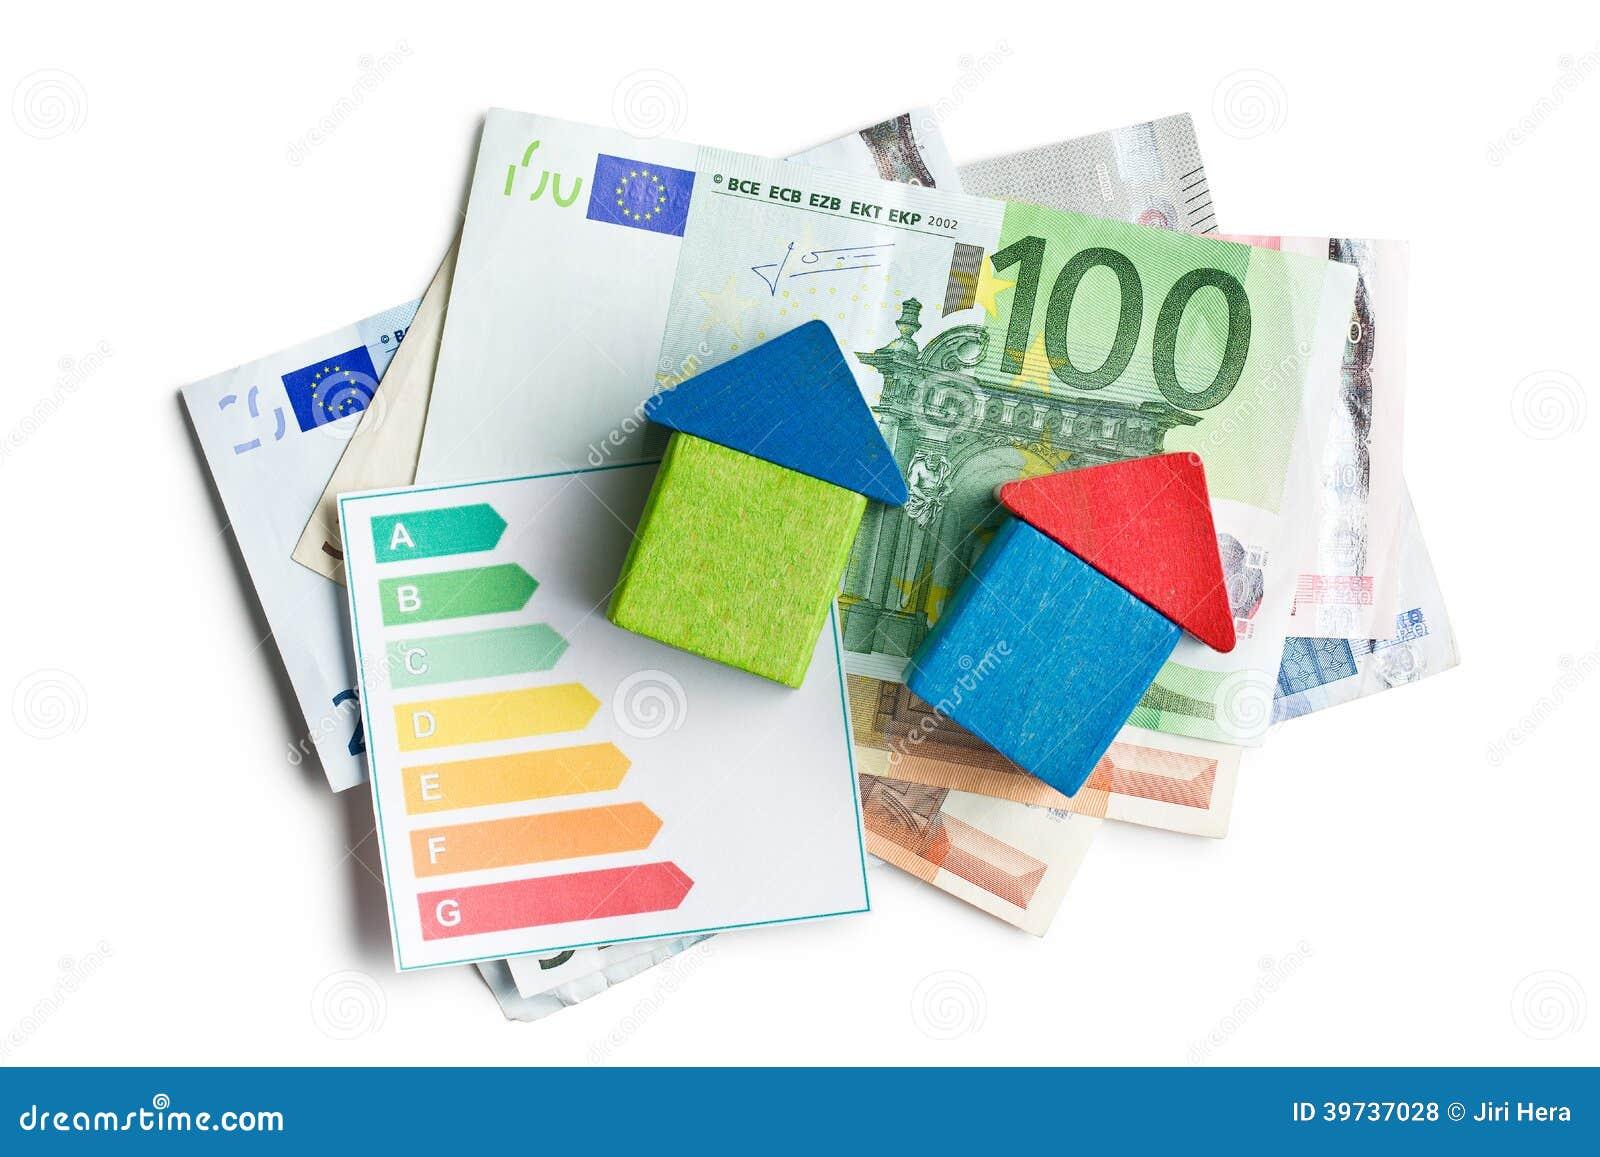 concept de l'économie d'énergie de maison photo stock - image du